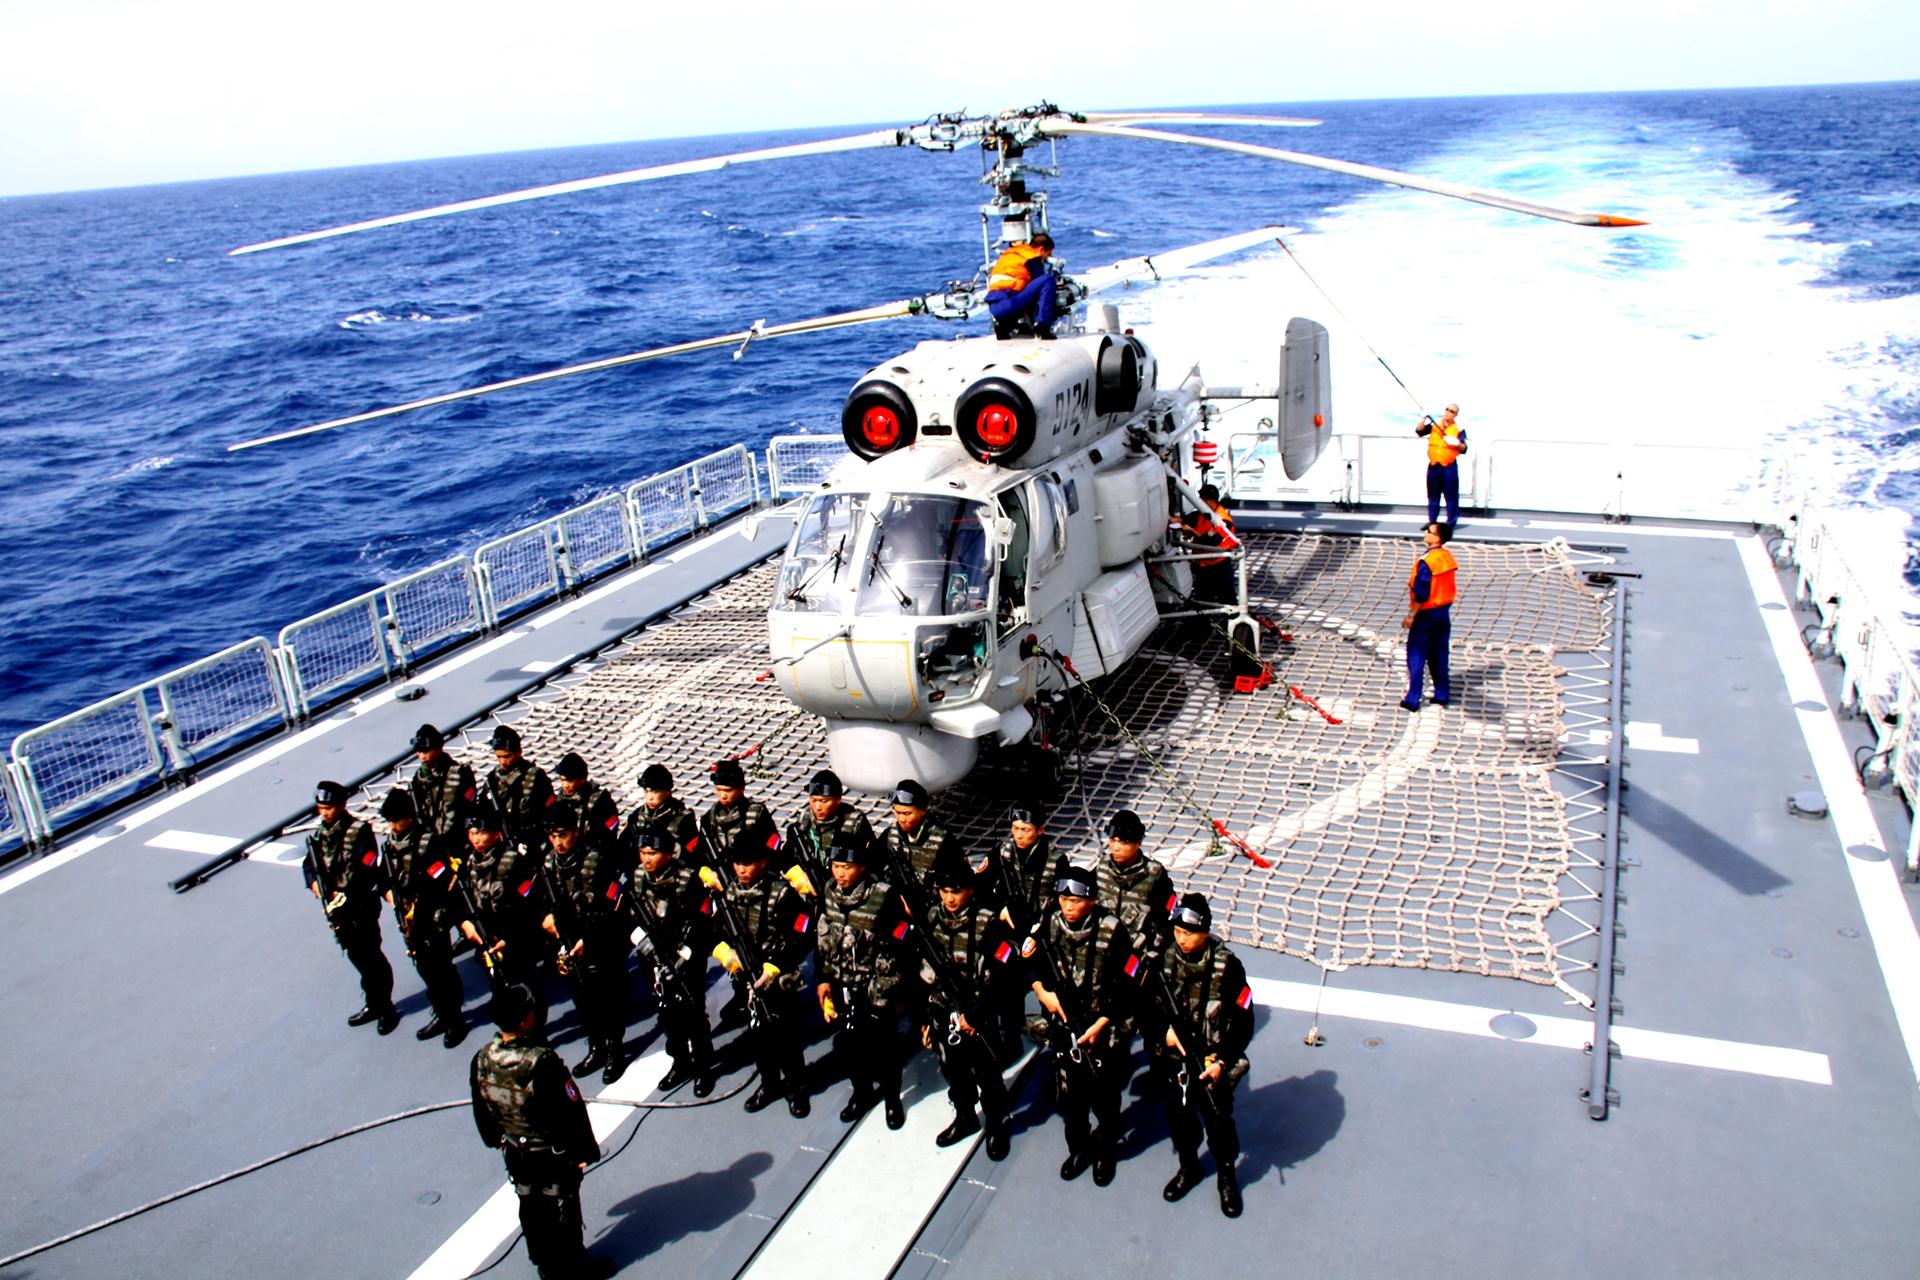 聊城:原蛟龙突击队队员讲述他眼中的《红海行动》